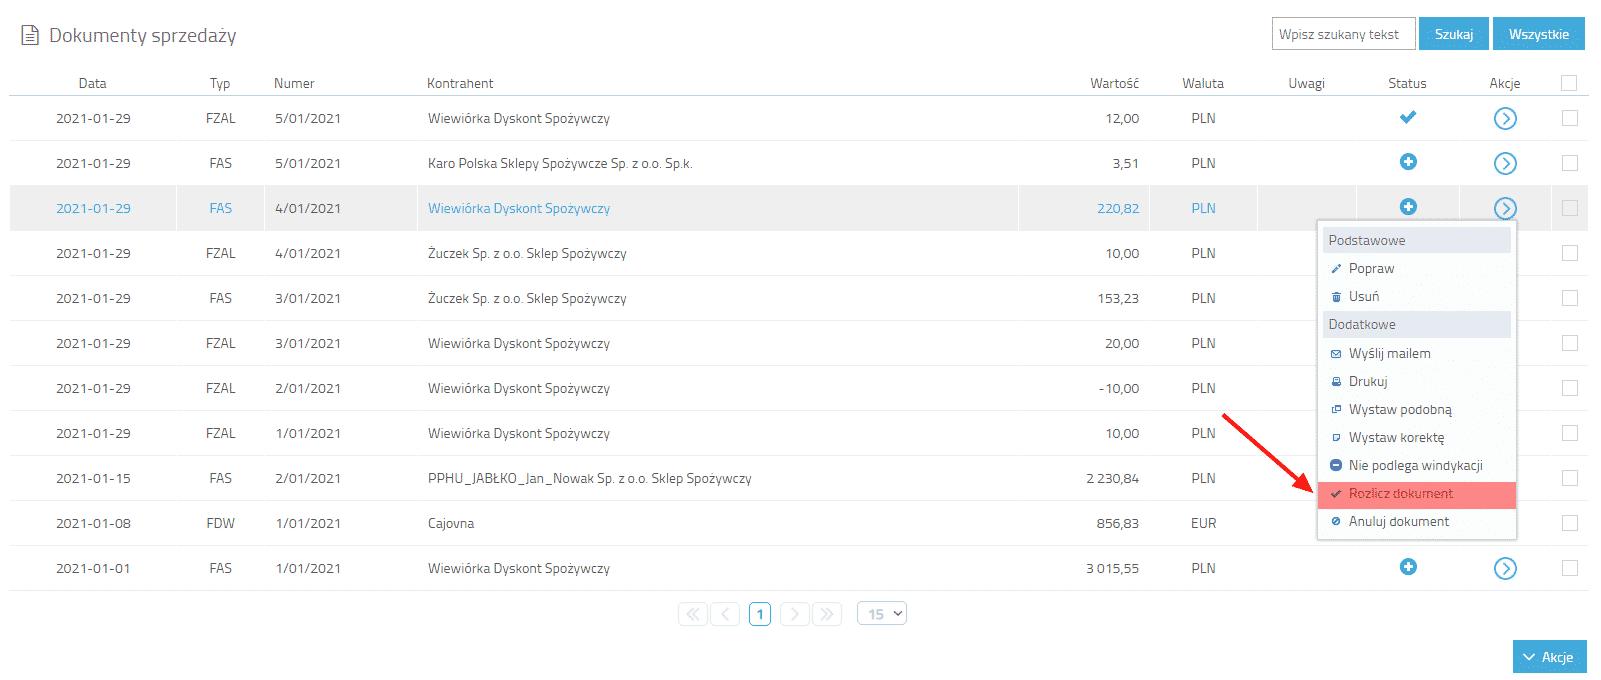 Akcja rozlicz dokument z poziomu listy dokumentów